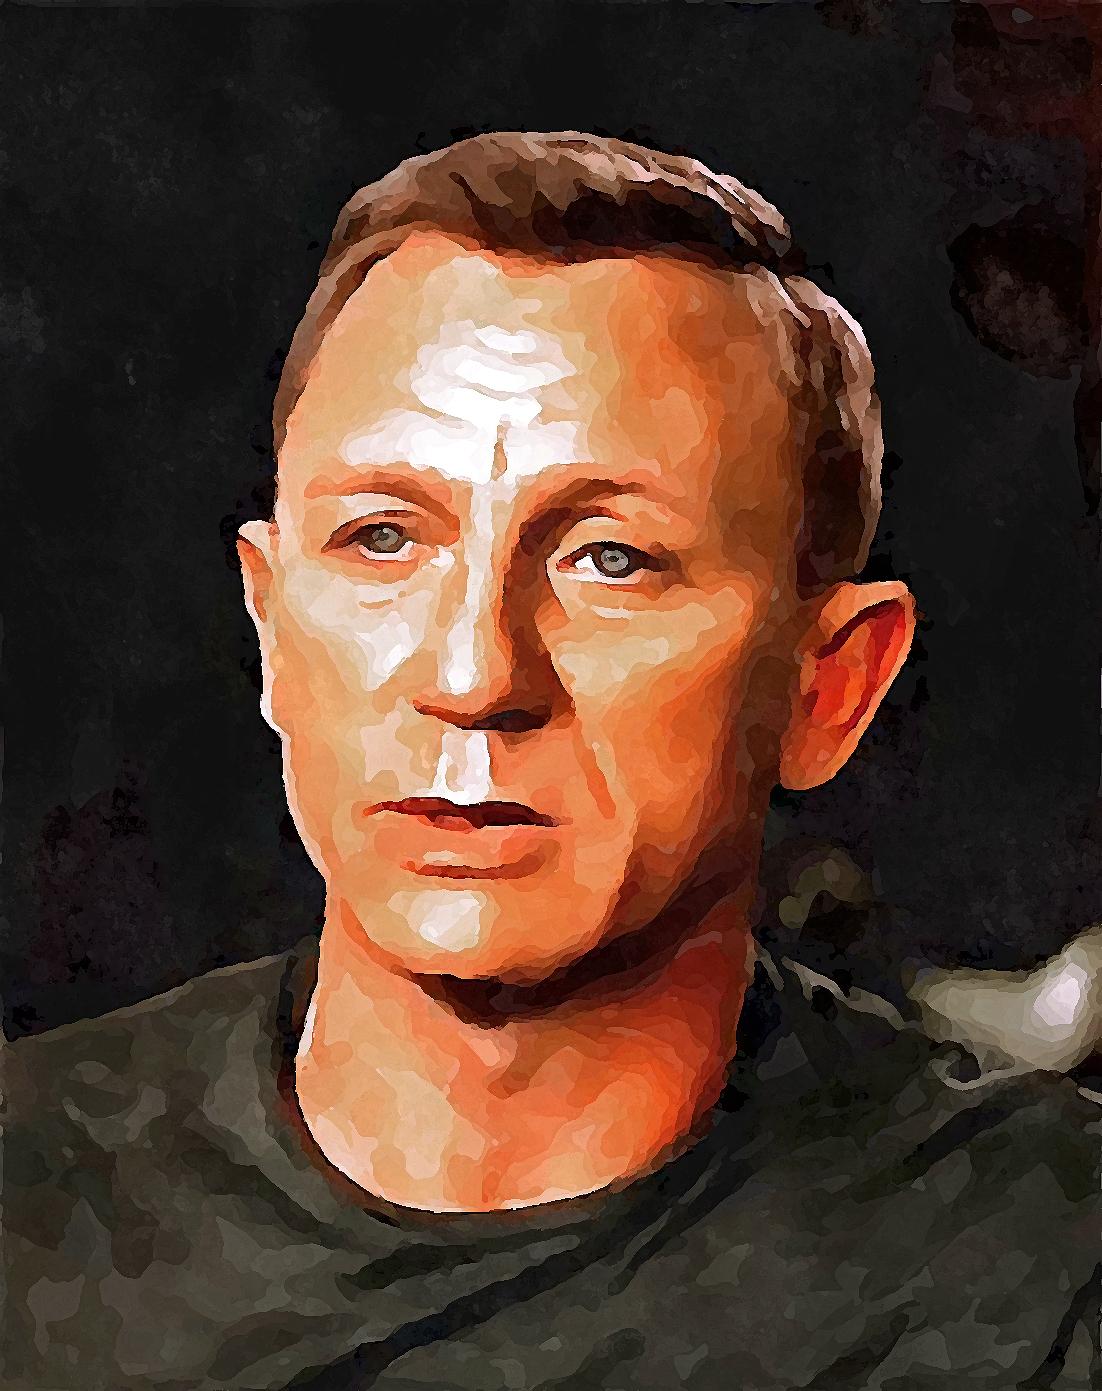 Tecnica - Daniel Craig